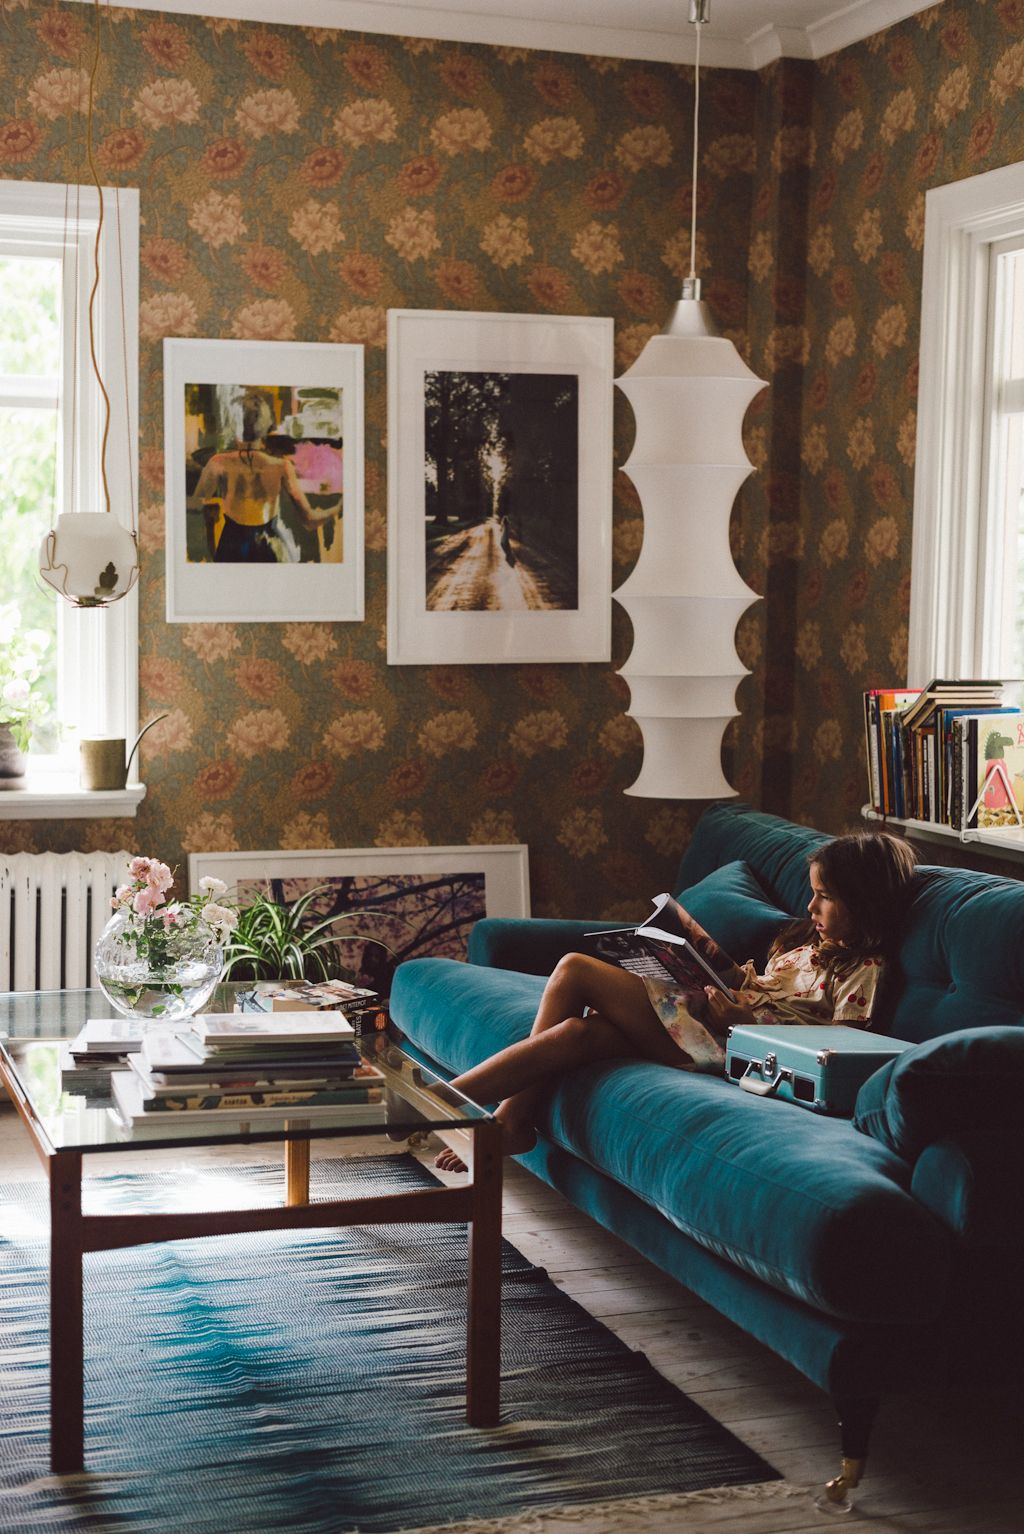 Blissful corners velvet bliss corner and living rooms